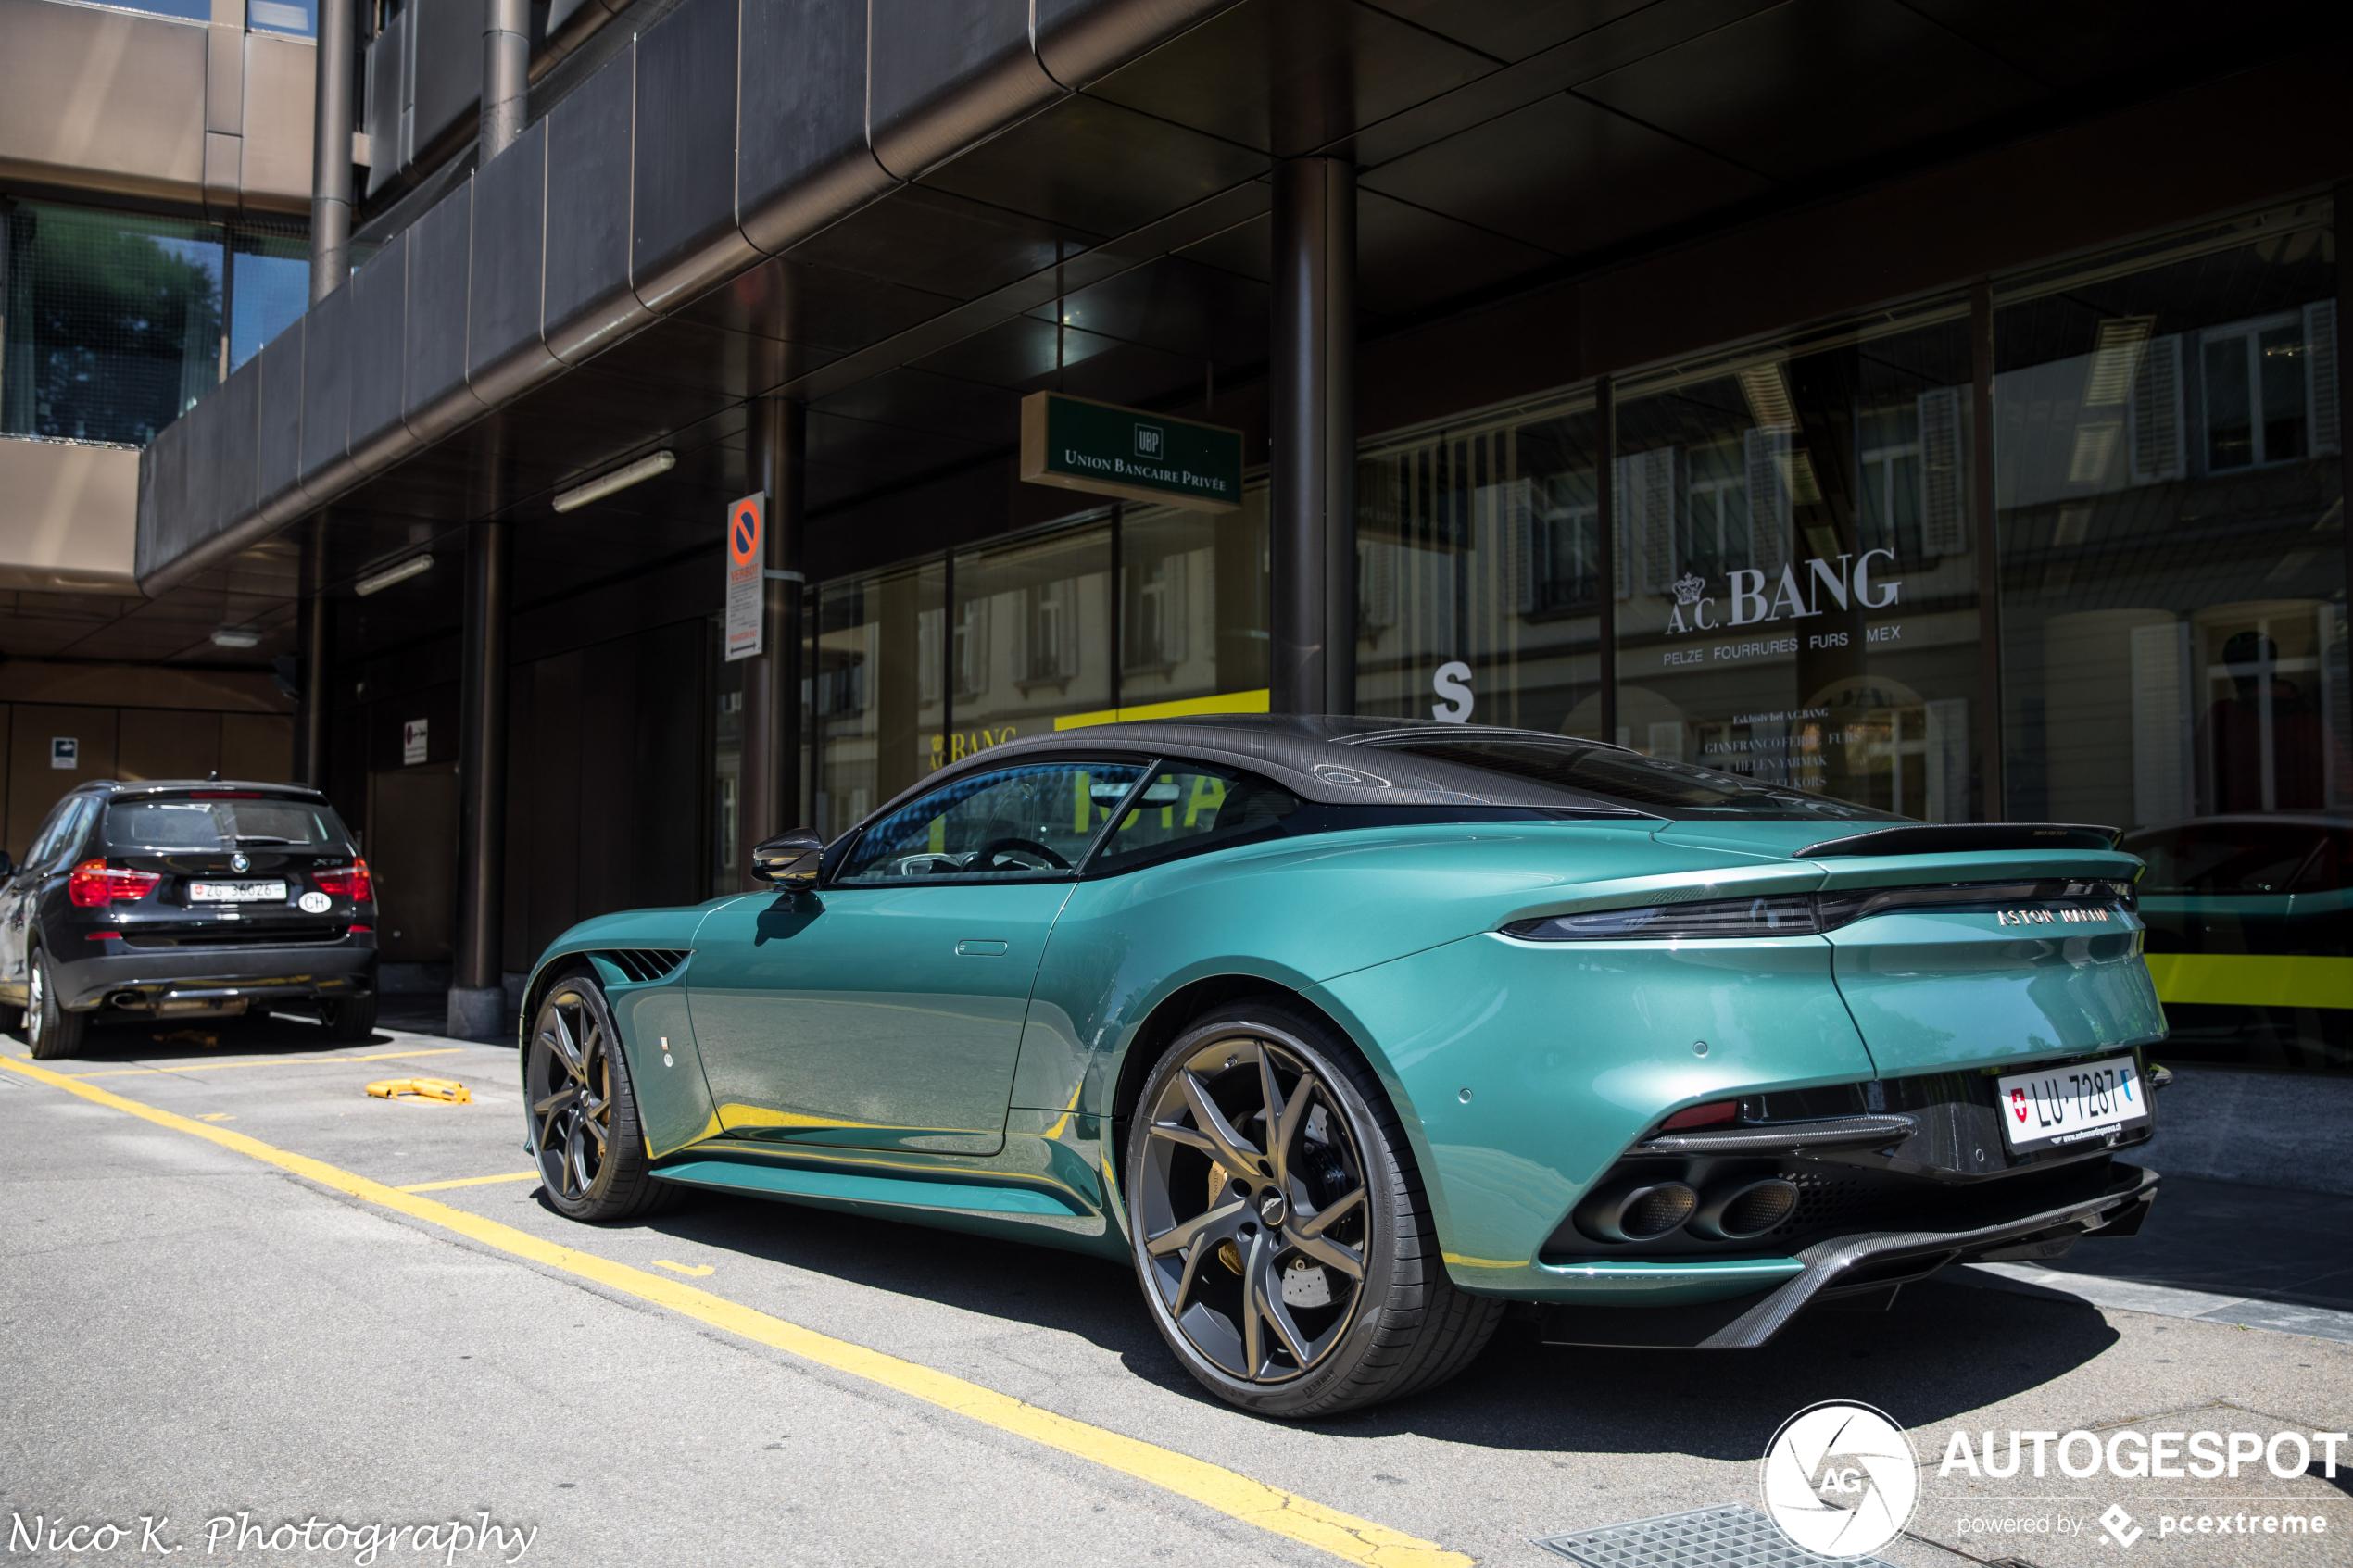 Dit is de Aston Martin DBS Superleggera die je wil hebben